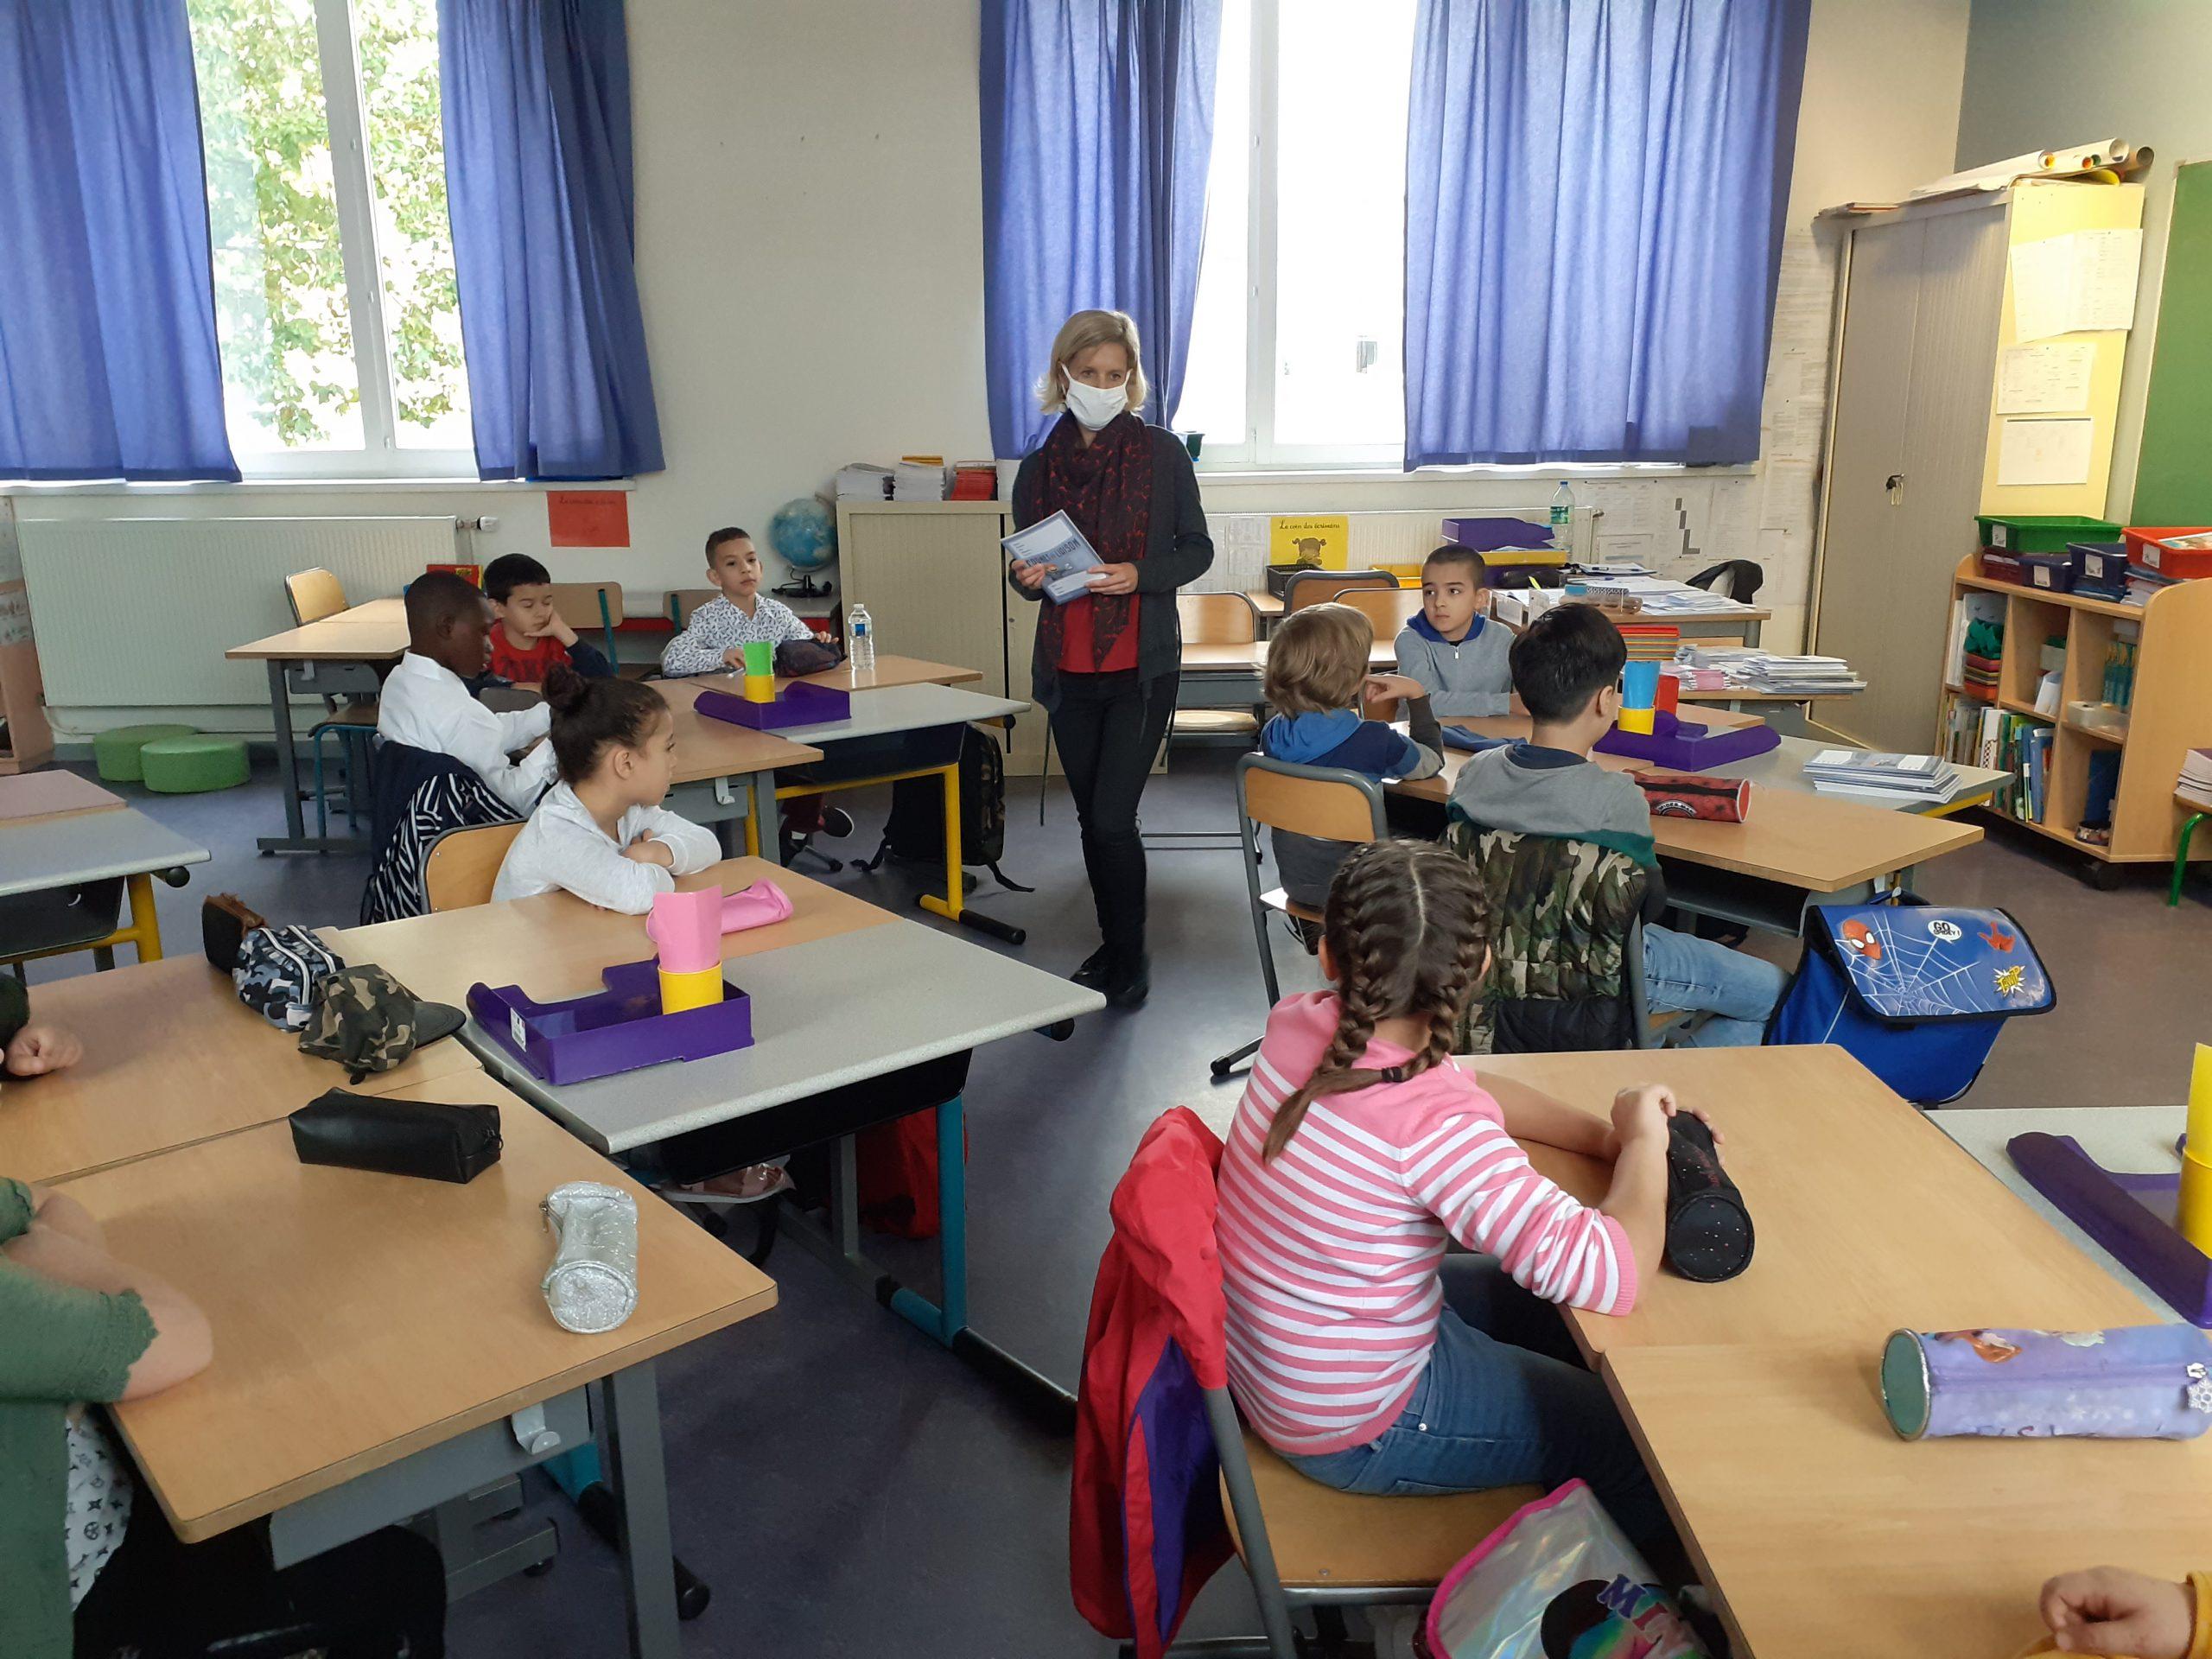 Une classe avec le protocole sanitaire : une dizaine délèves grâce à des classes dédoublées et port du masque par le professeur© Sarah Khelifi